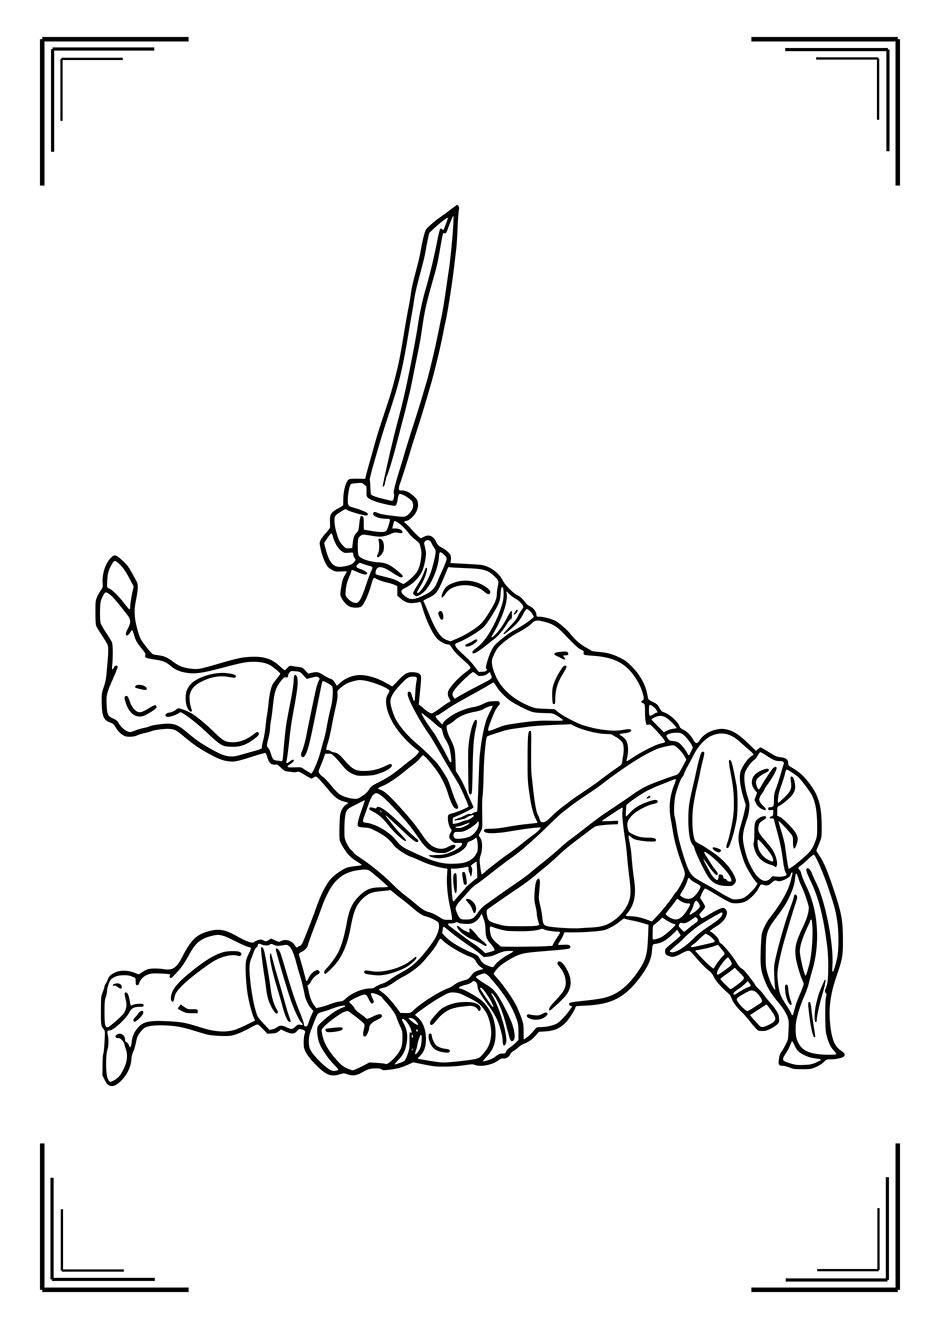 Раскраска: ниндзя черепашка с мечом — raskraski-a4.ru